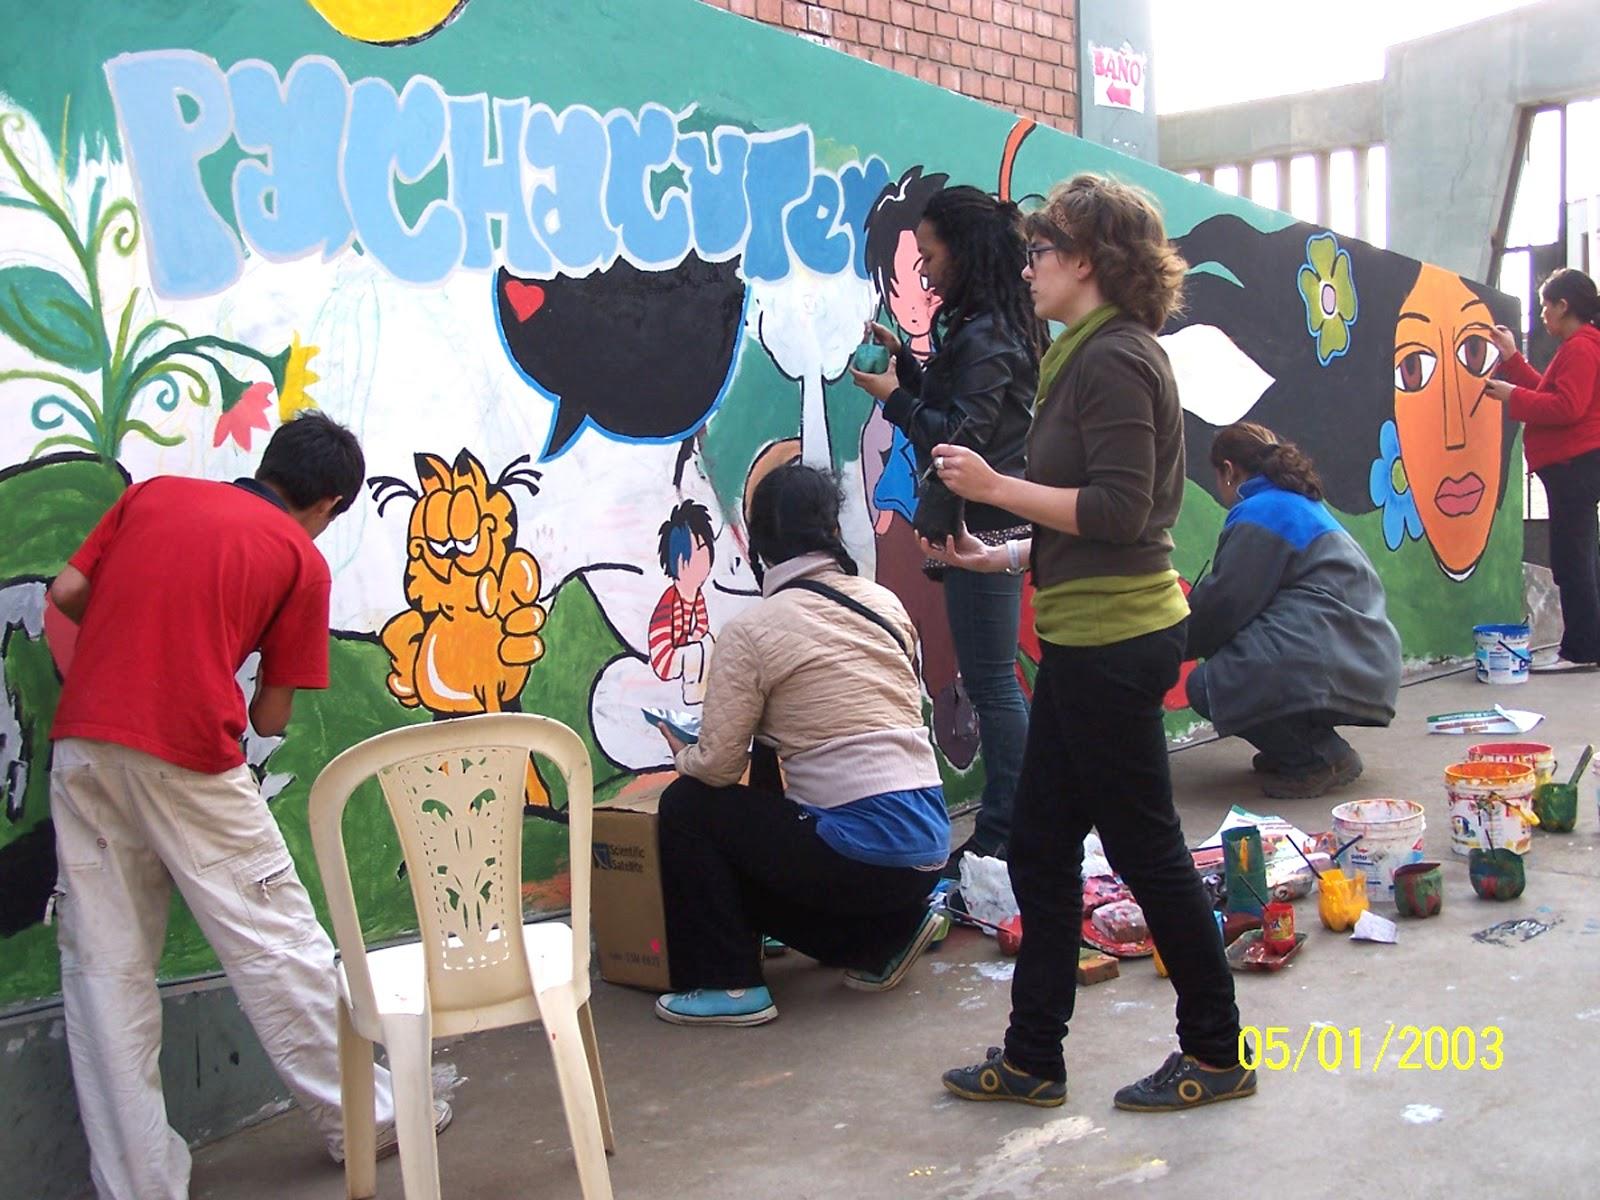 Proyecto mural comunitario taller de mural comunitario en for Proyecto social comedor comunitario